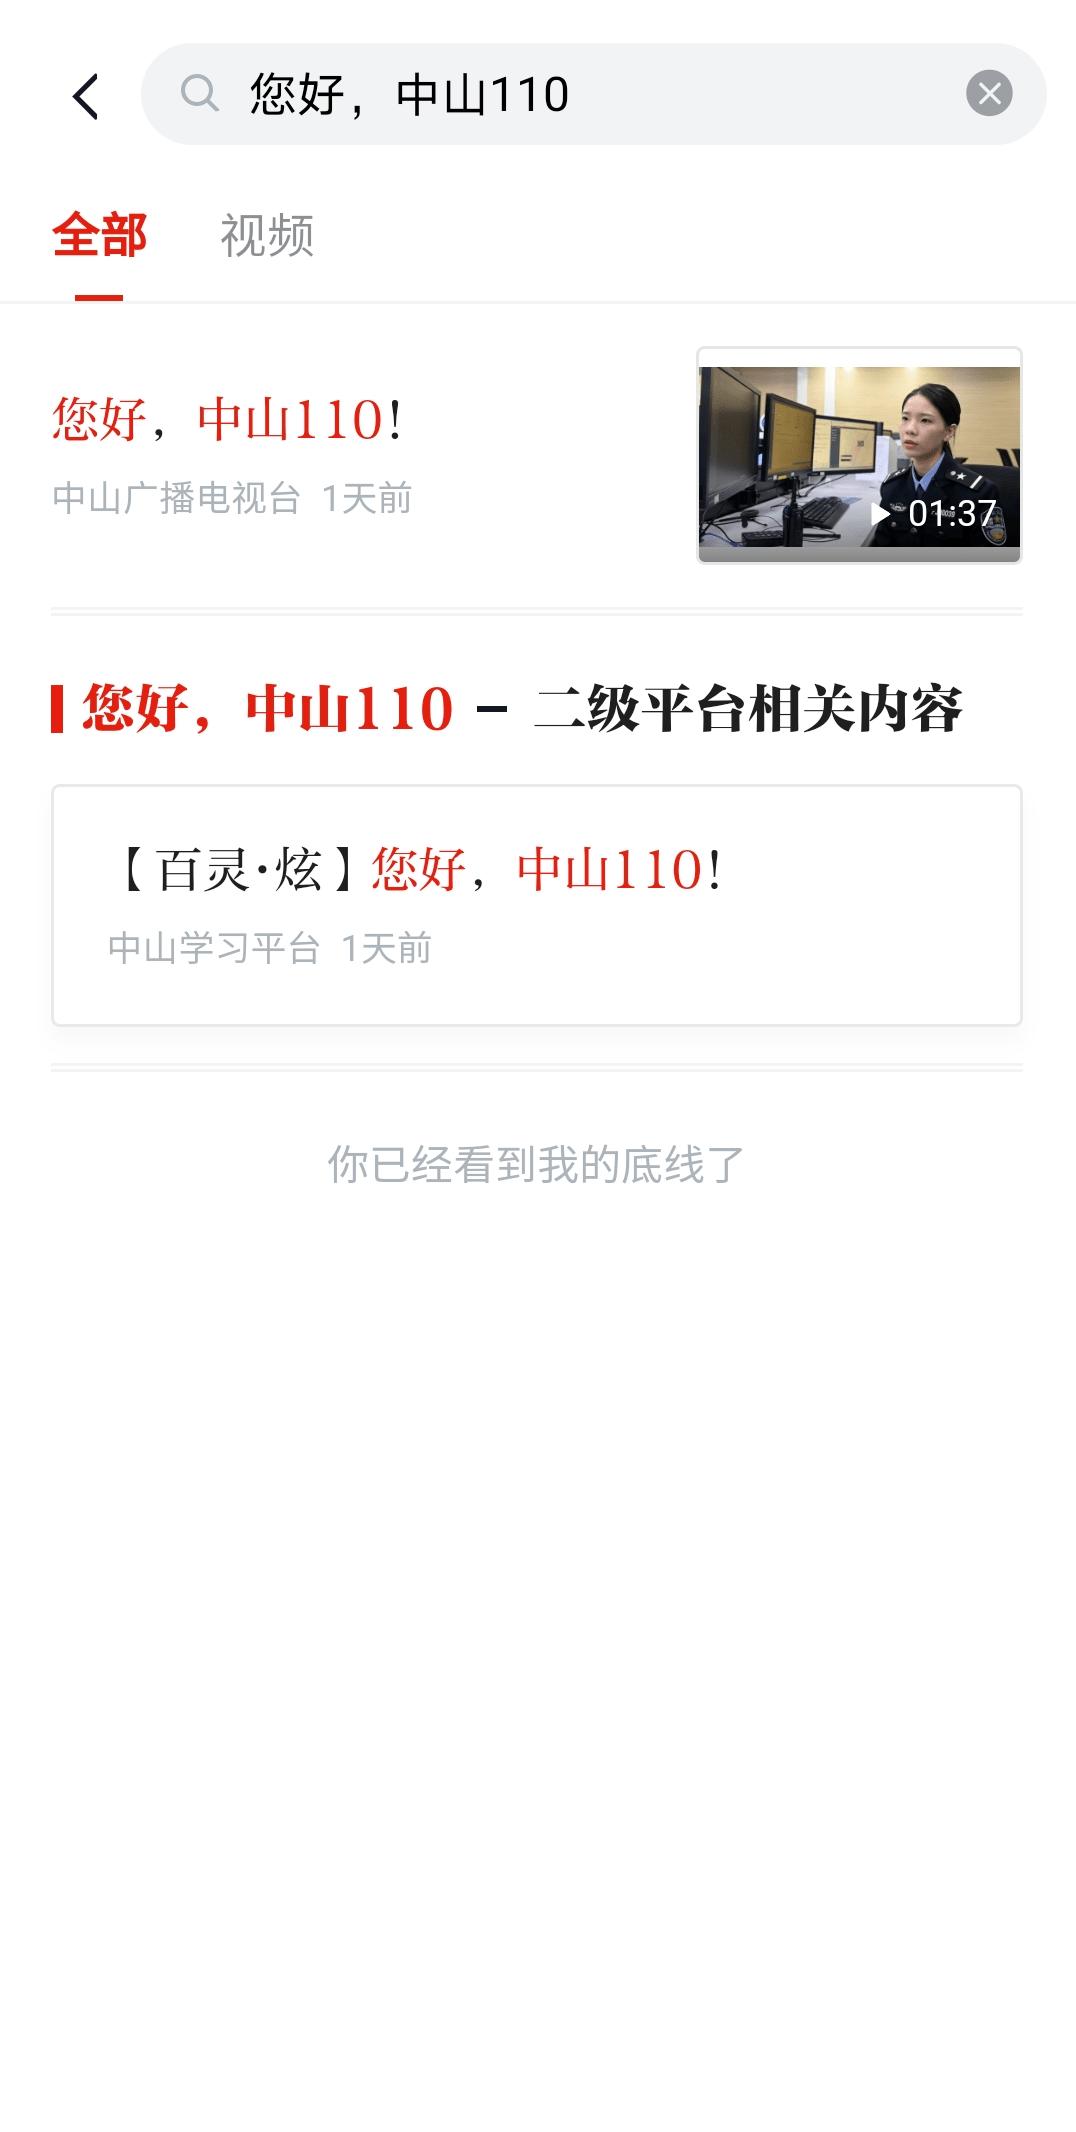 """超20万人围观!中山女警登上""""学习强国""""全国平台"""